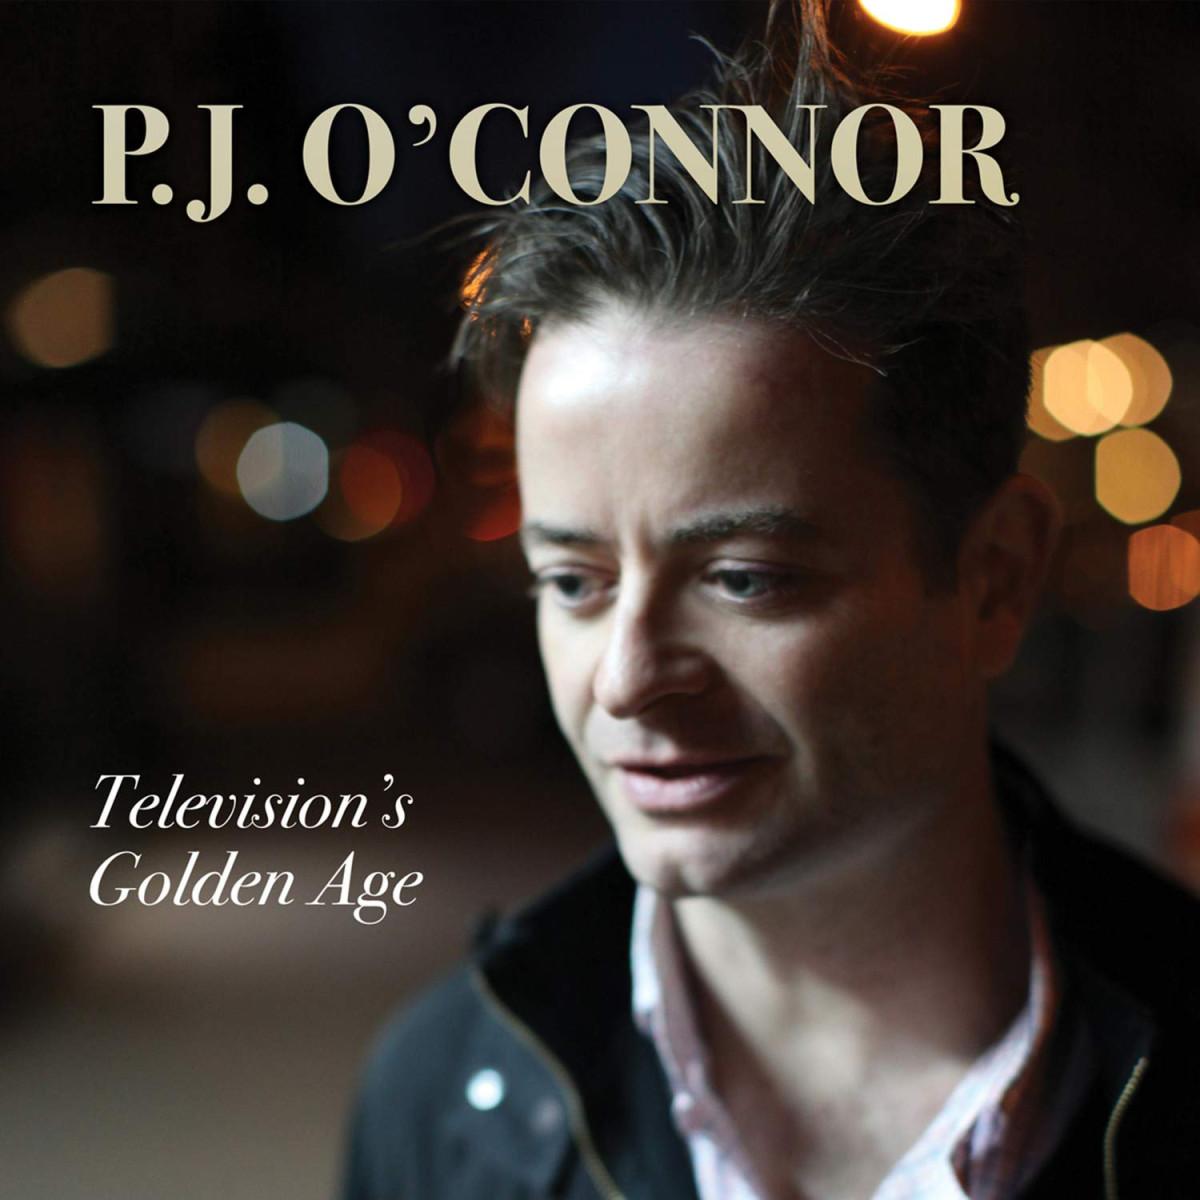 P.J. O'Connor